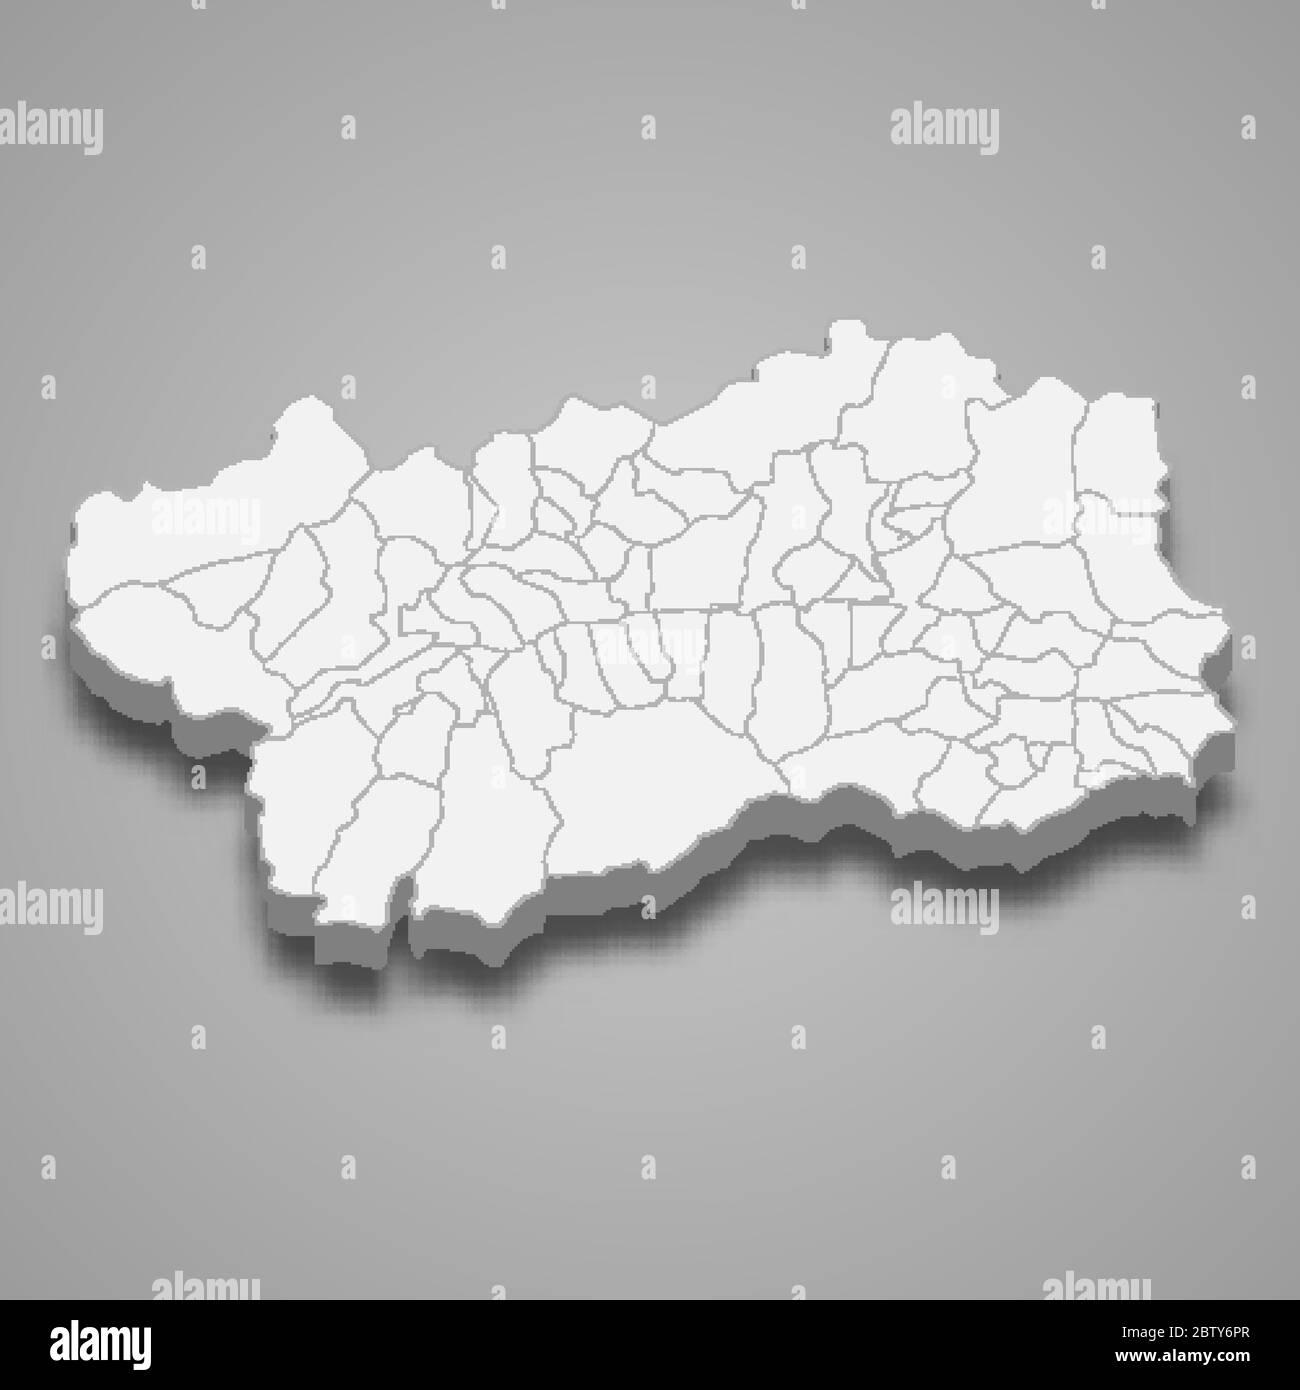 Cartina Stradale Valle D Aosta.La Mappa 3d Della Valle D Aosta E Una Regione D Italia Immagine E Vettoriale Alamy